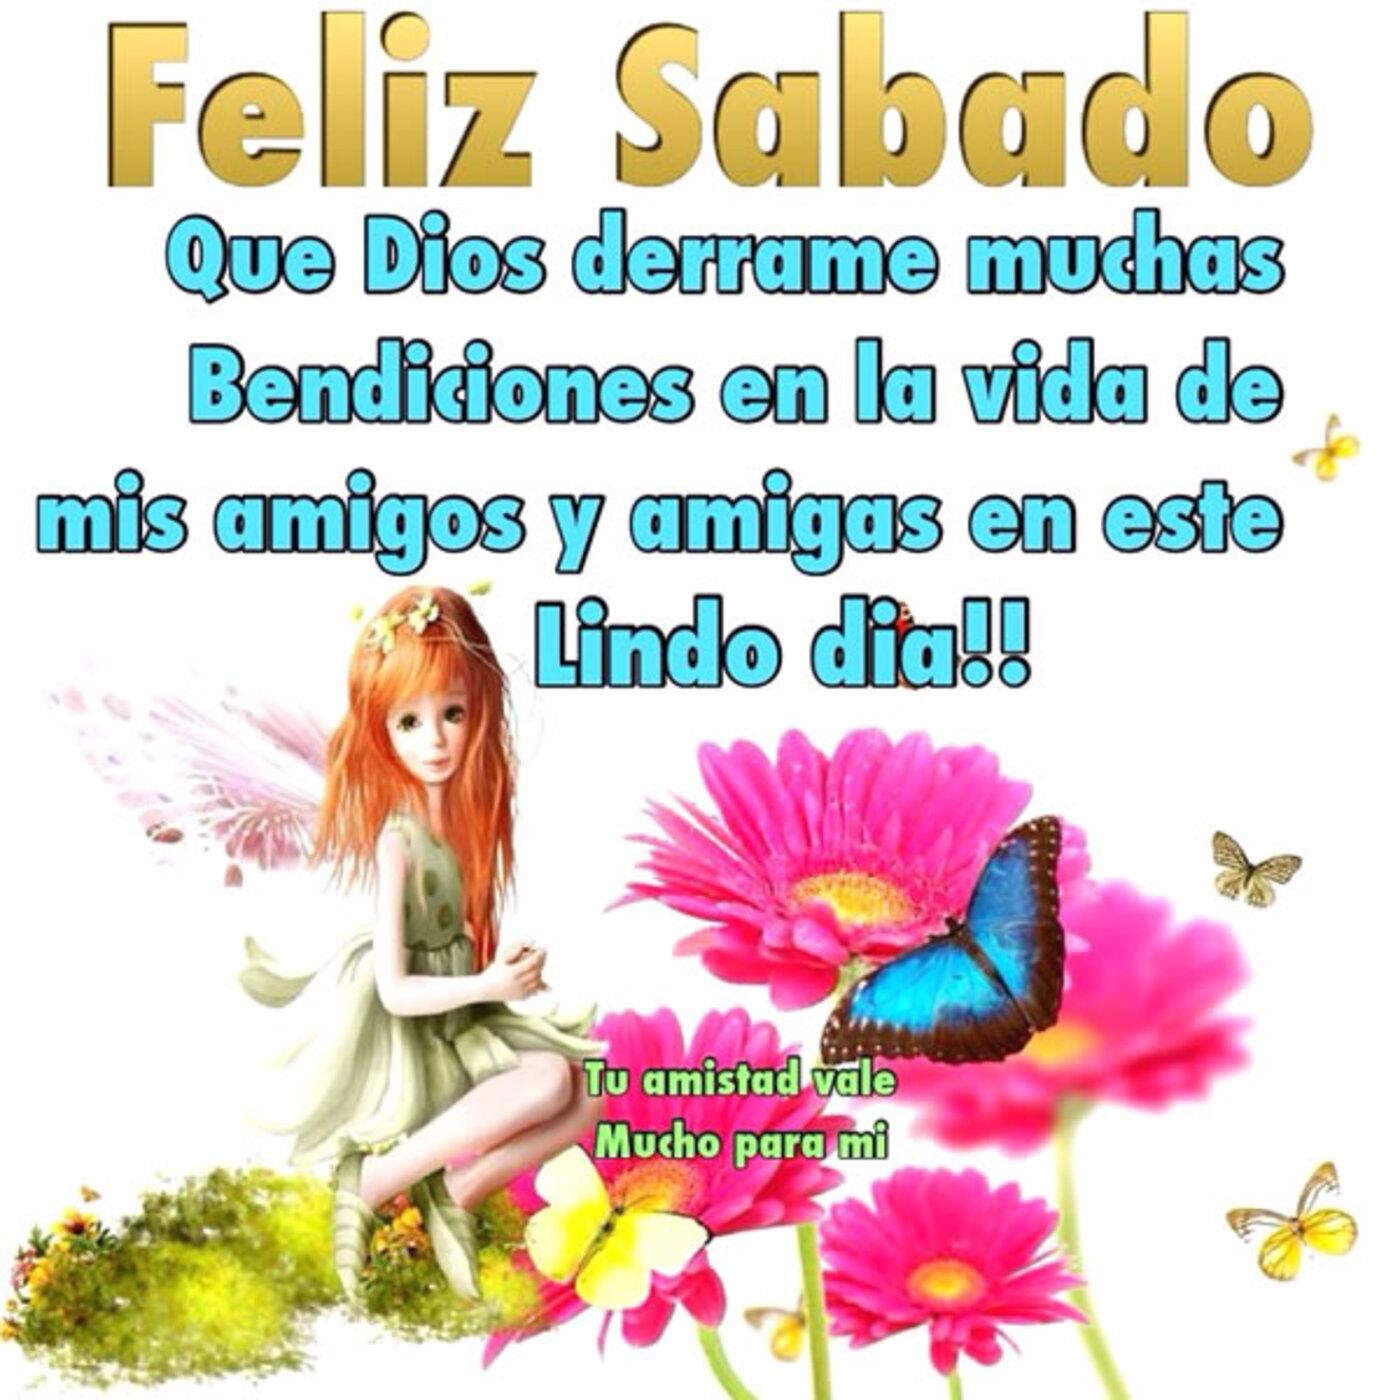 Feliz sábado que Dios derrame muchas bendiciones en la vida de mis amigos y amigas en este lindo dia!!